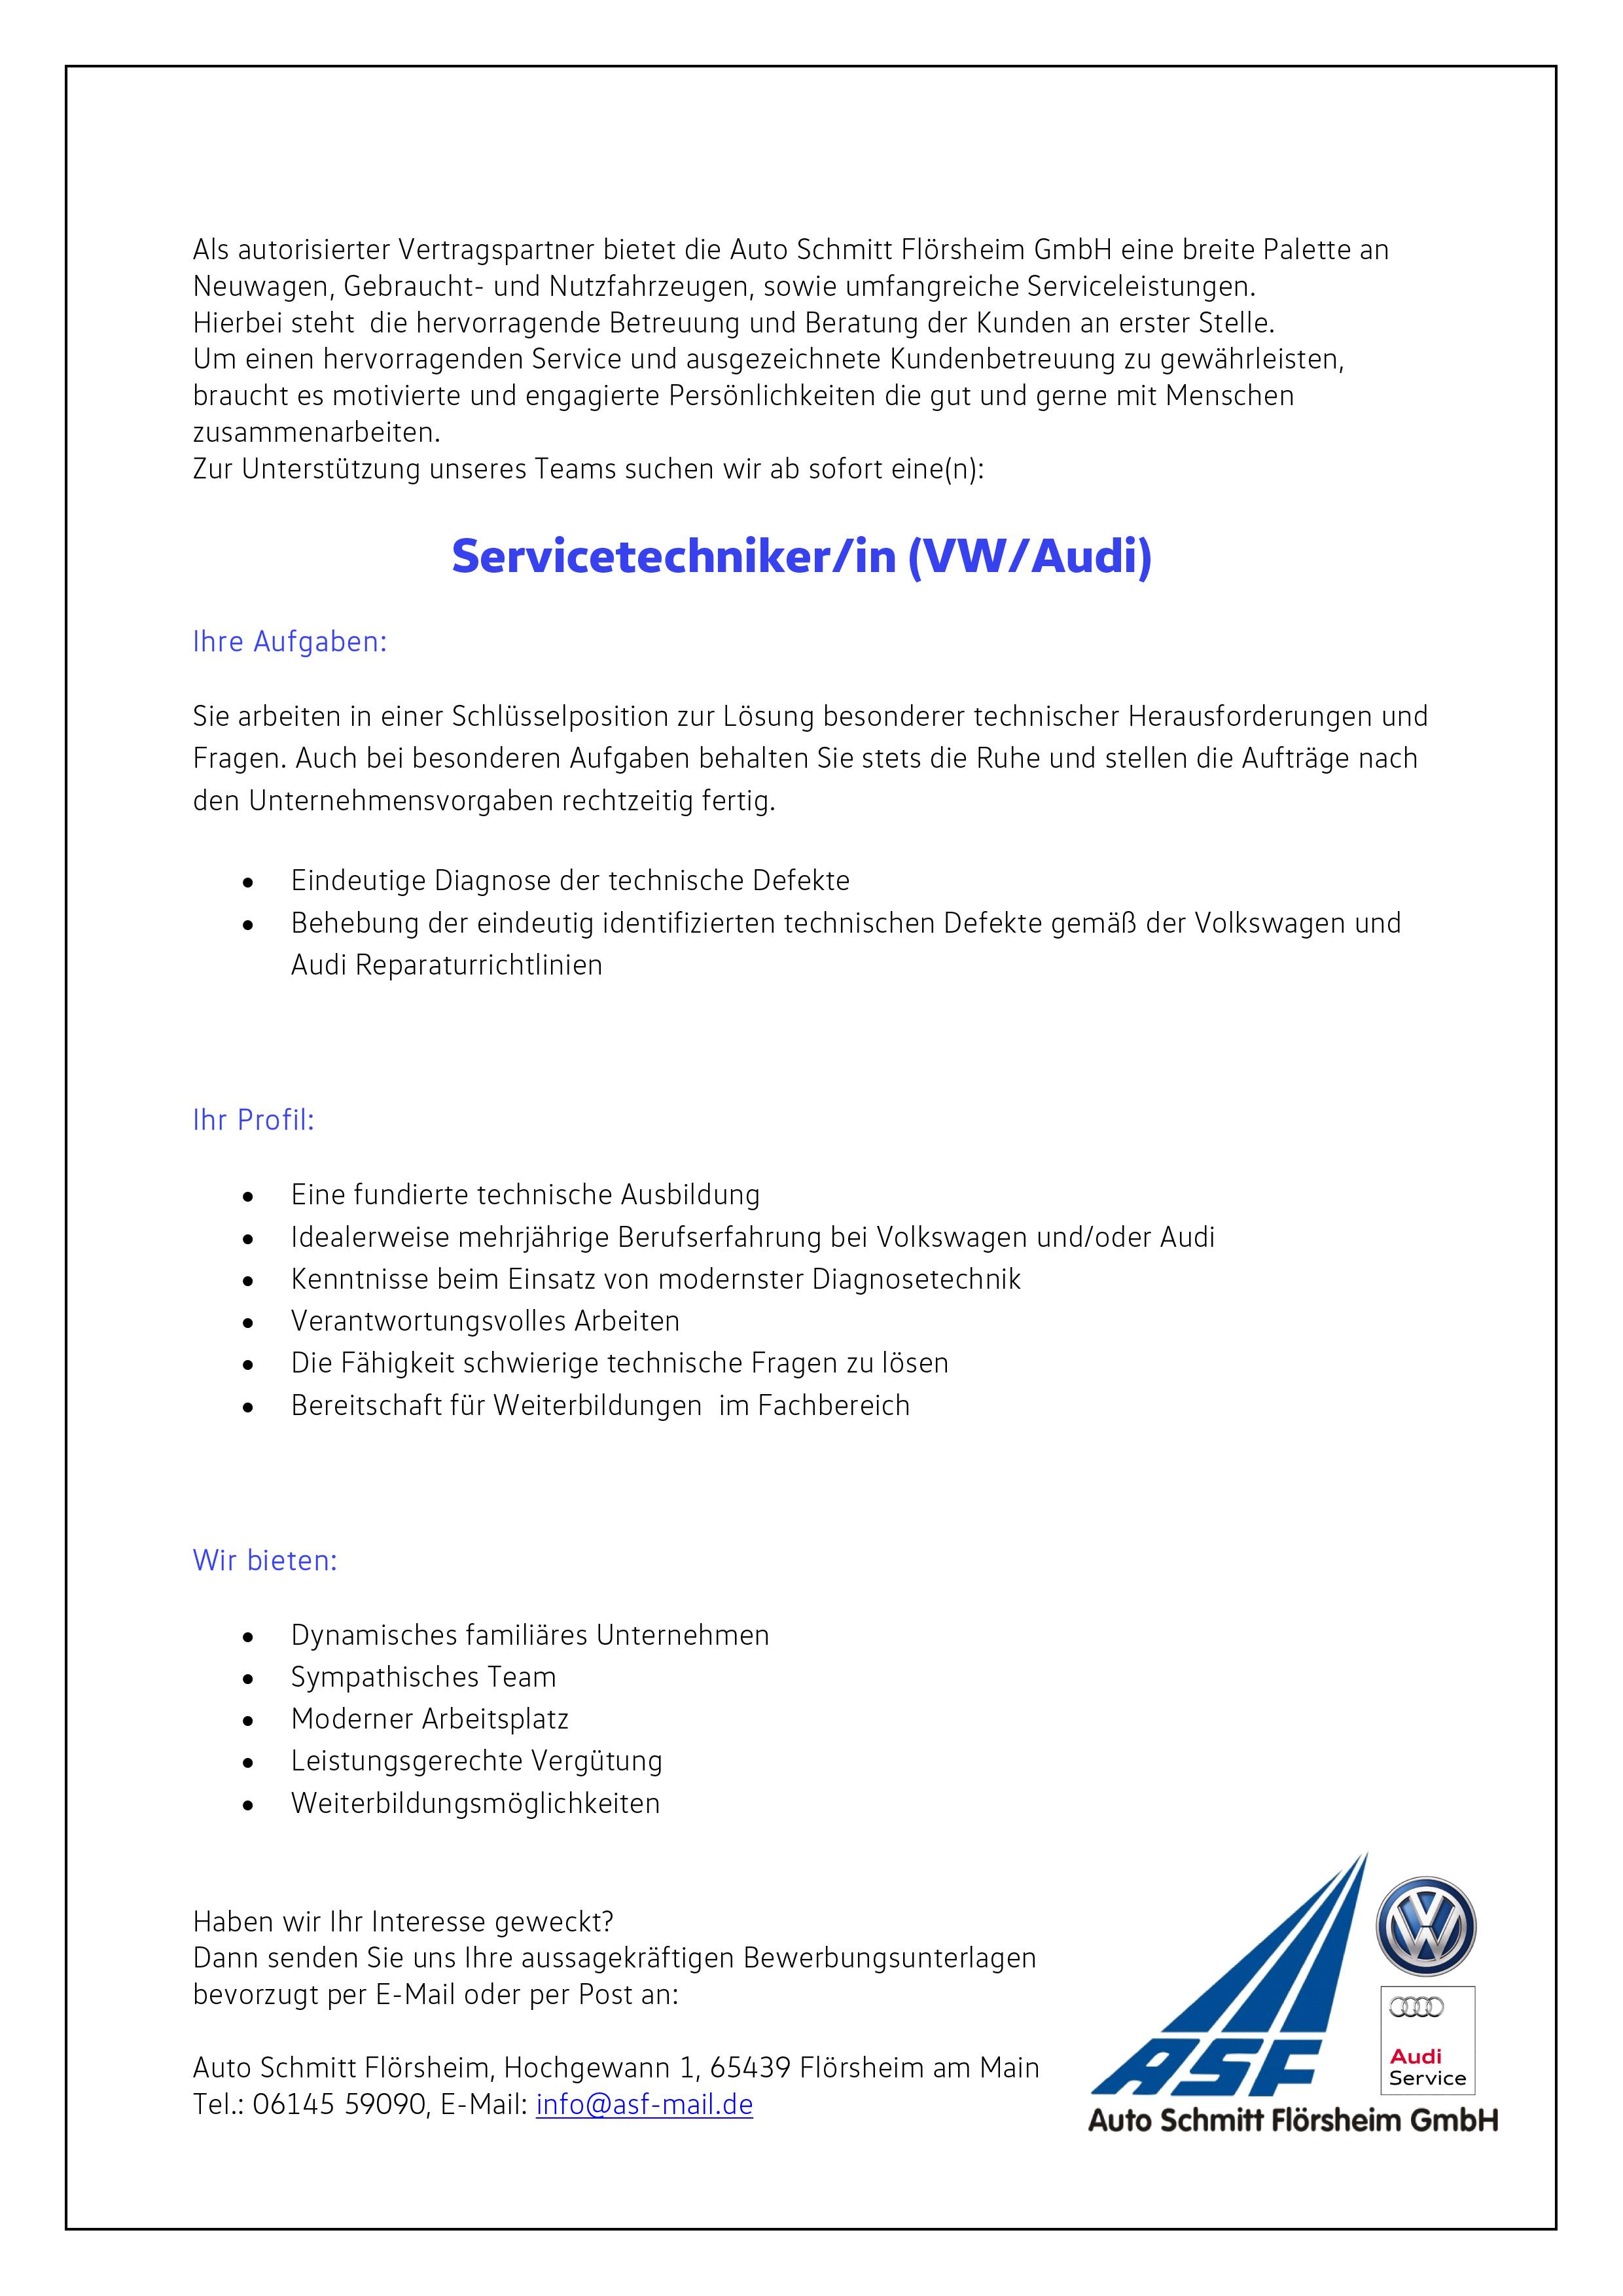 willkommen im asf team - Vw Bewerbung